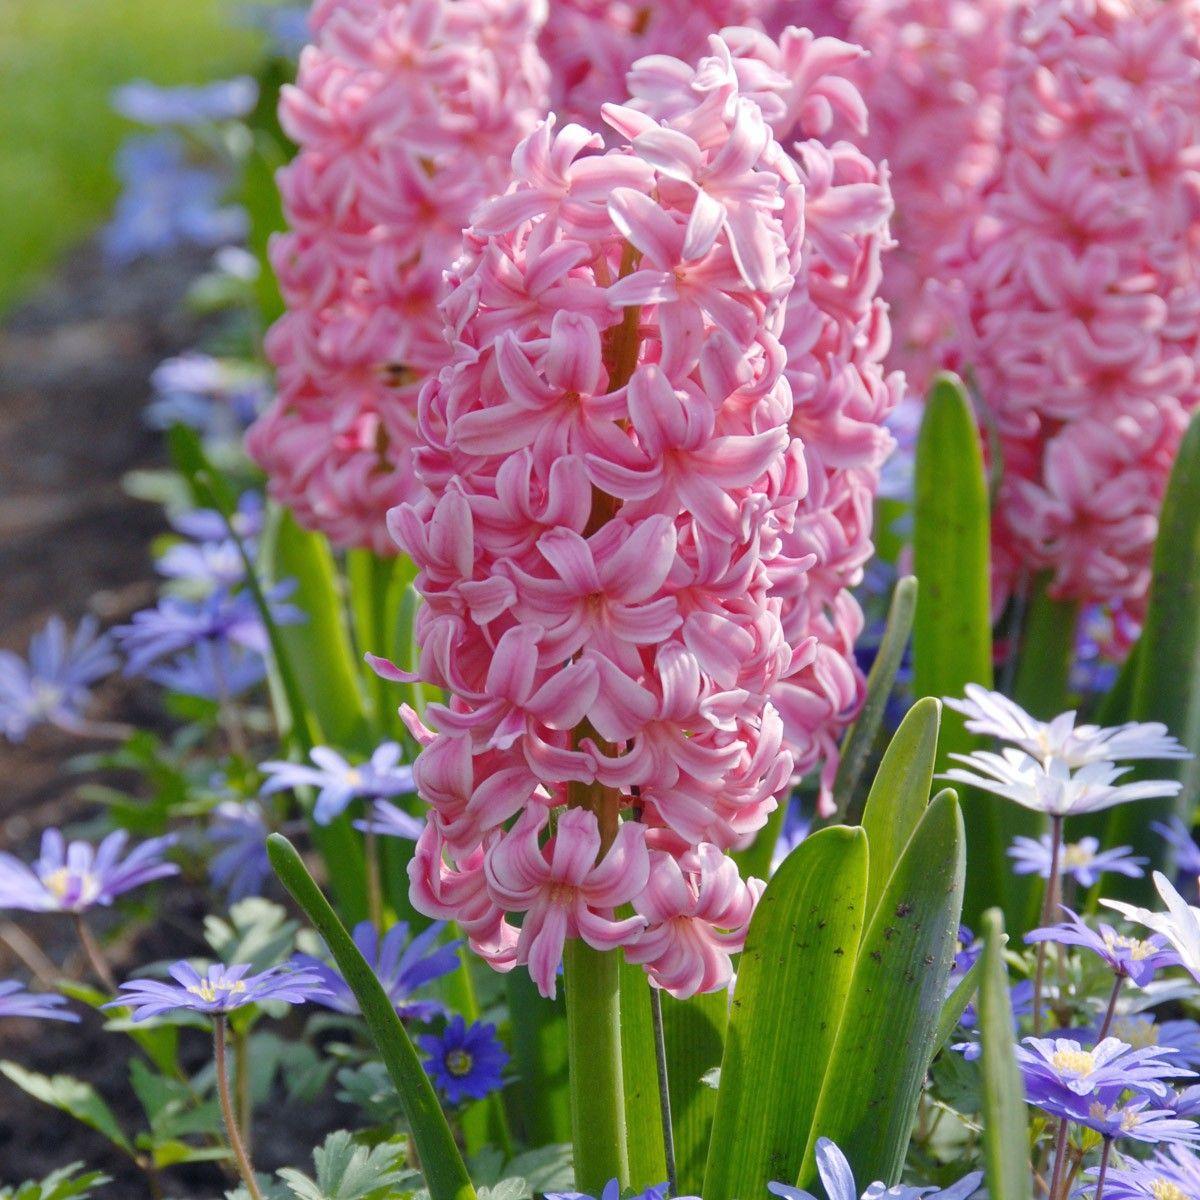 hyacinthus orientalis ibis rosa hyazinthe bestens f r den garten geeignet gepflanzt werden. Black Bedroom Furniture Sets. Home Design Ideas